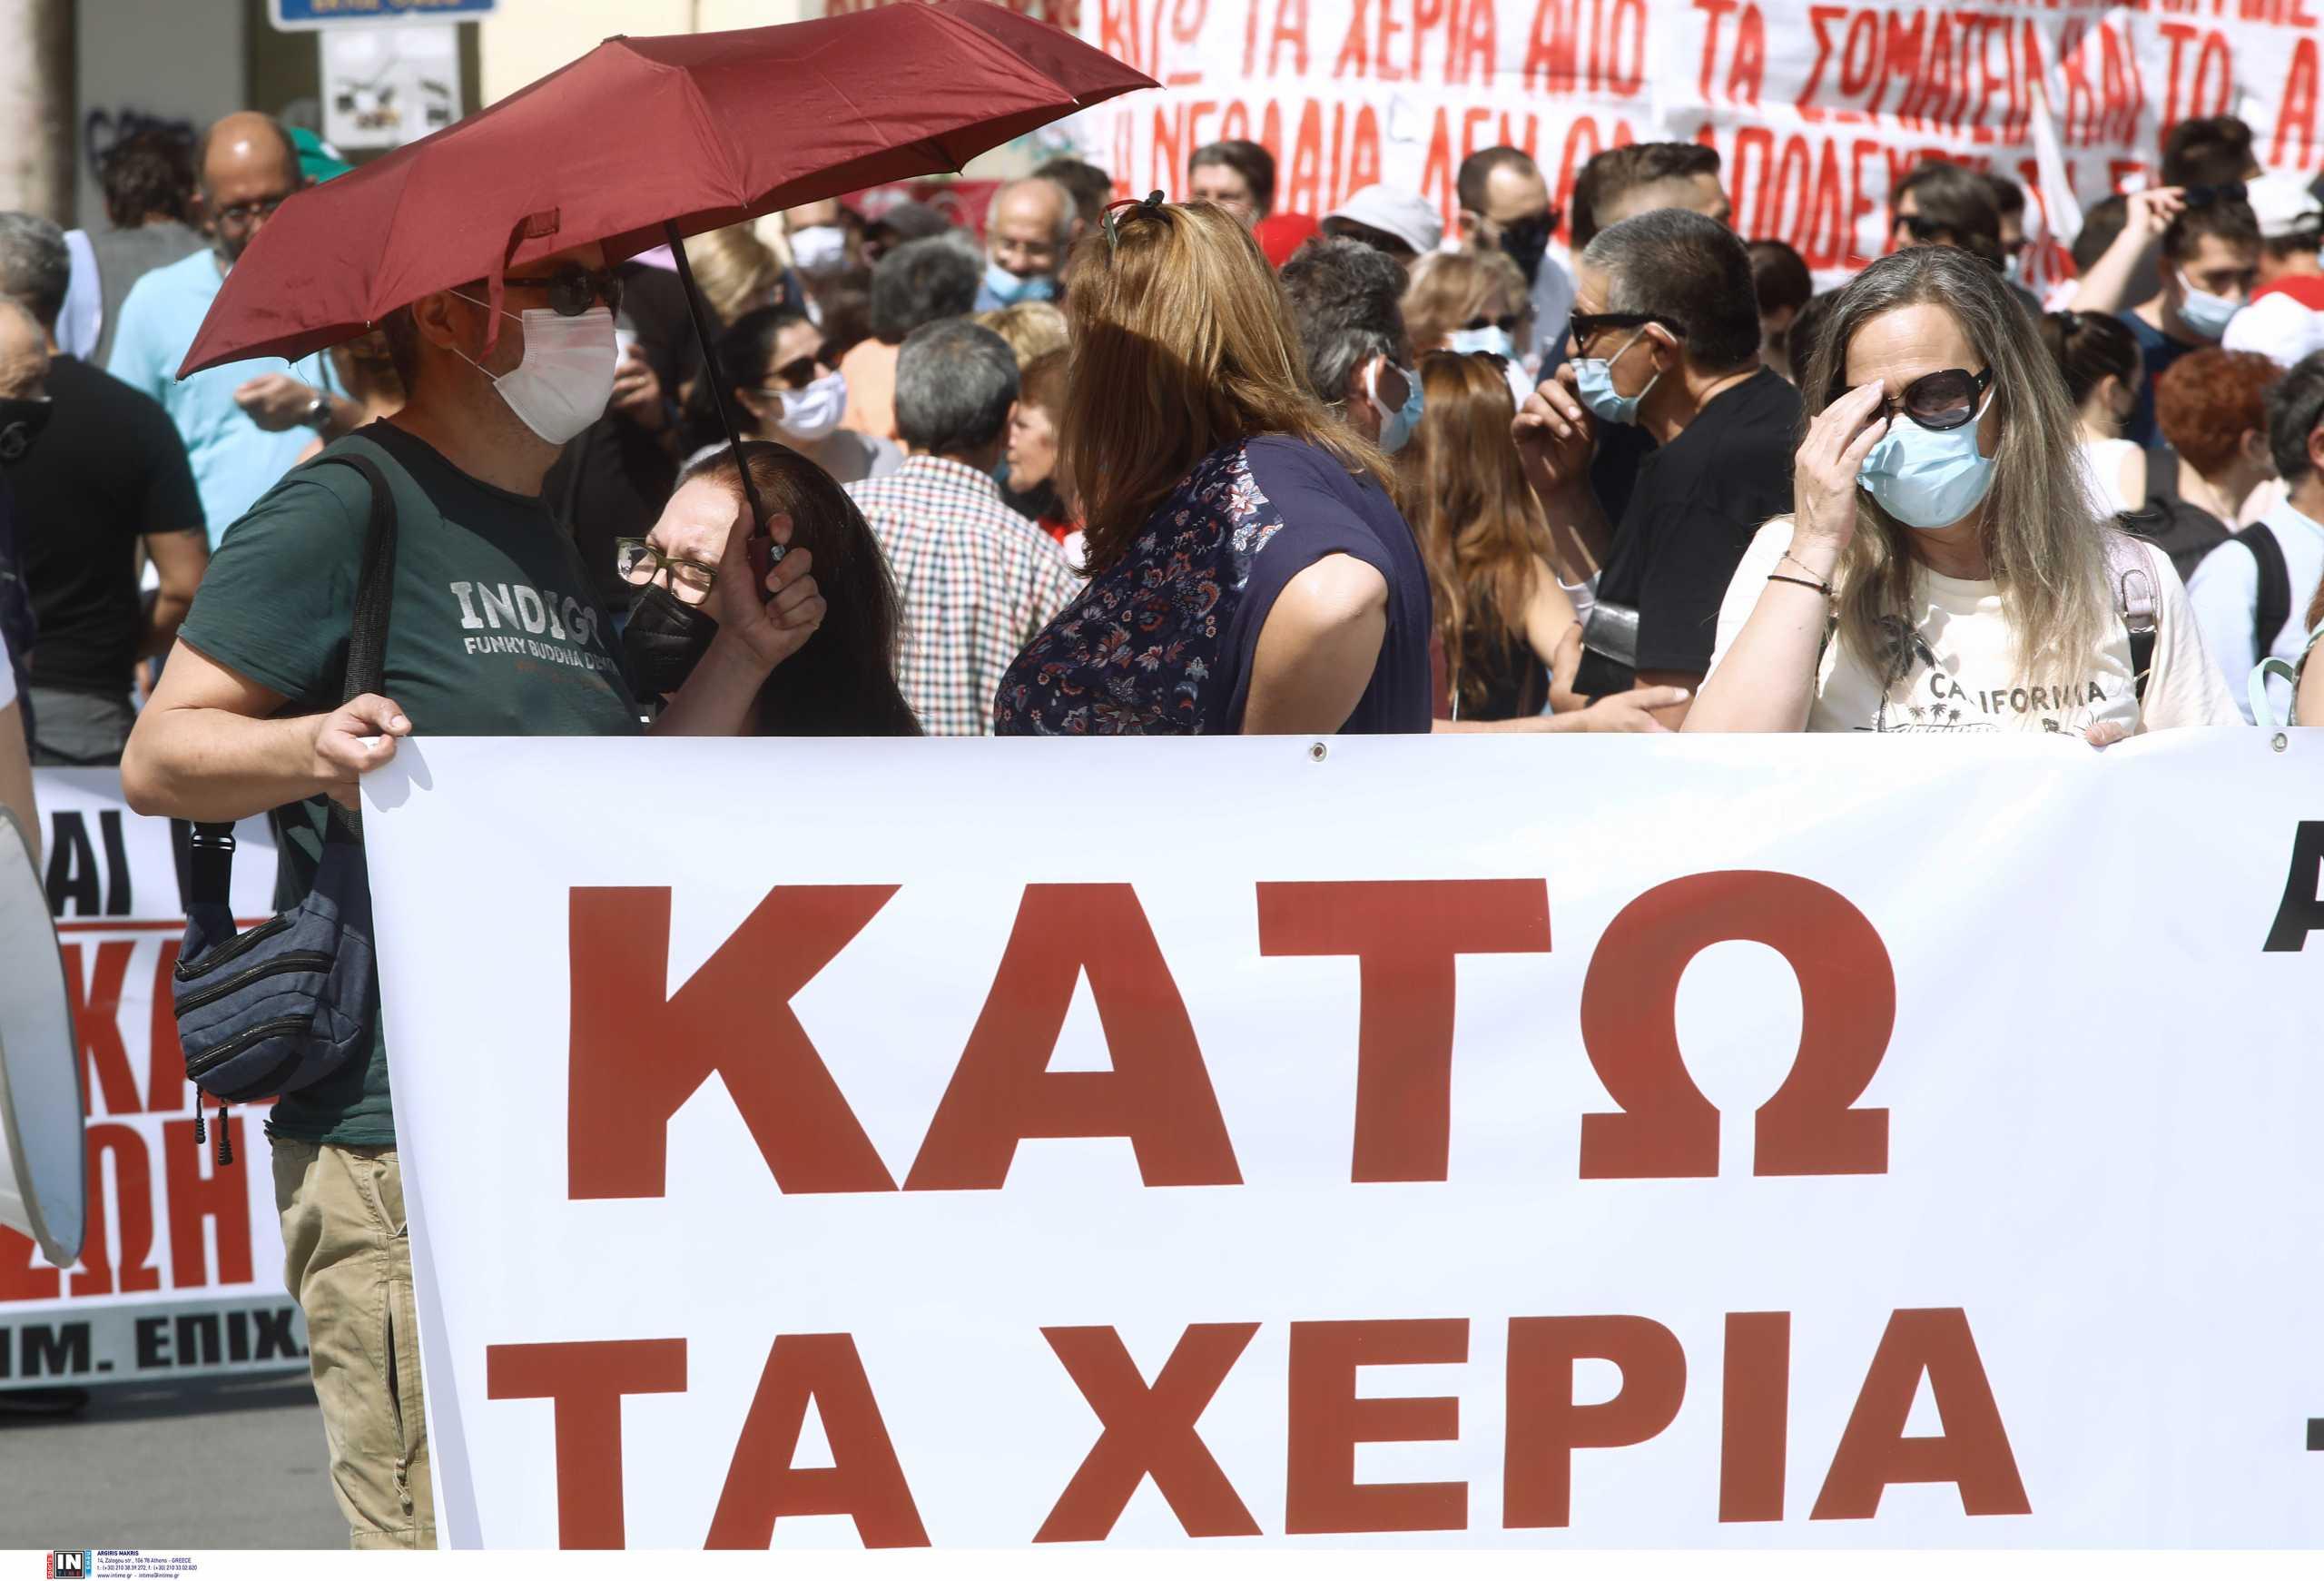 Απεργία: «Σηκώθηκαν από τον καναπέ» στα Χανιά – Μεγάλη συγκέντρωση για το εργασιακό νομοσχέδιο